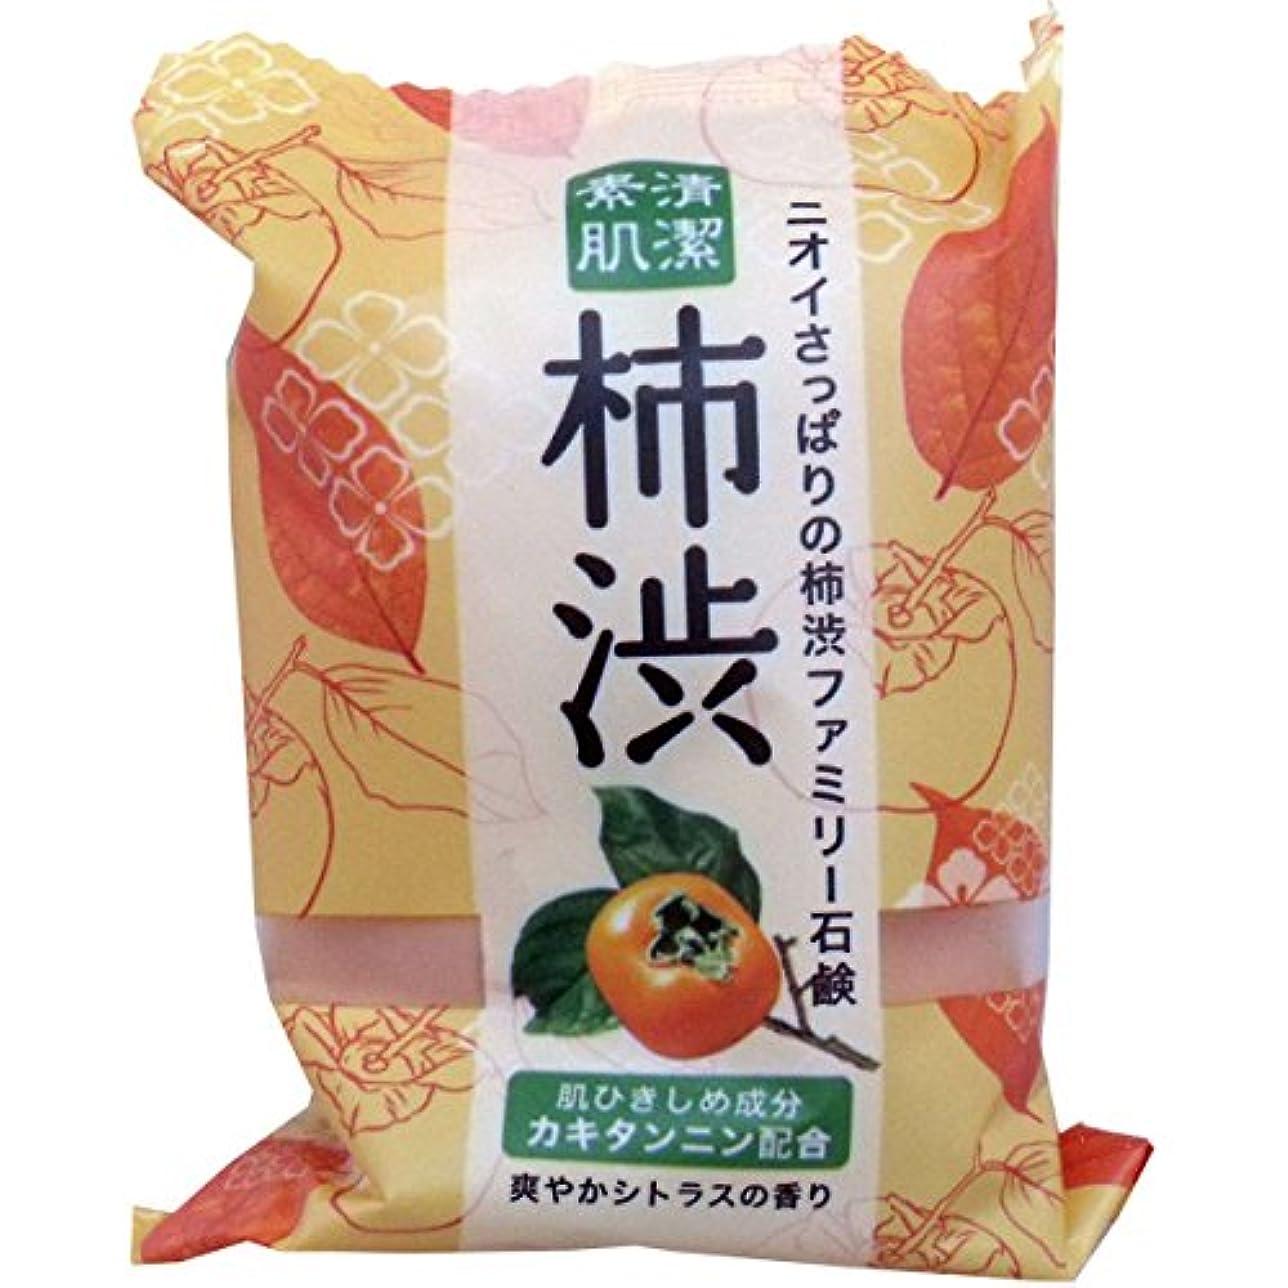 かろうじて句読点飲み込むペリカン石鹸 ファミリー柿渋石鹸(1個)